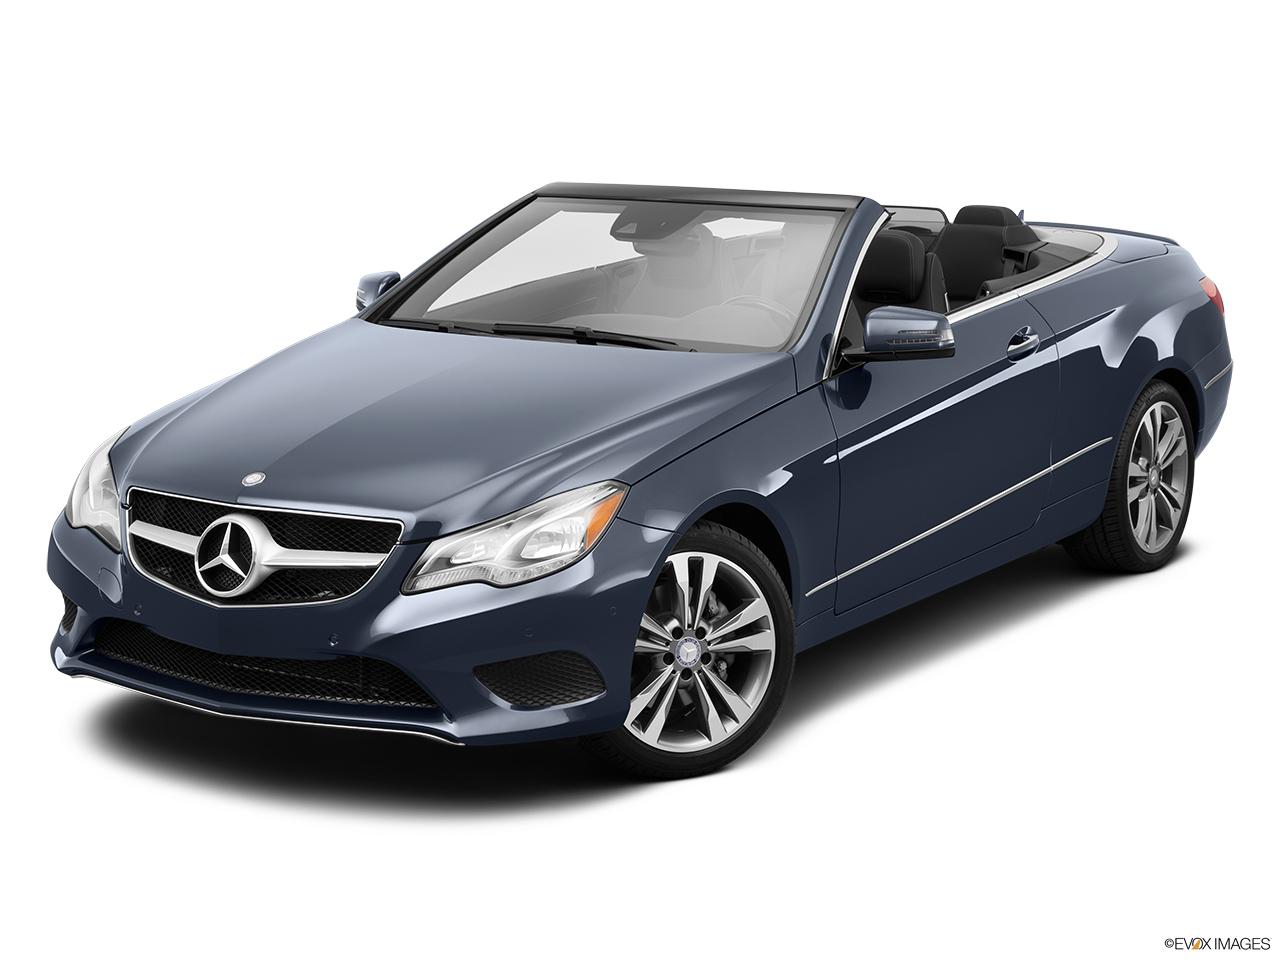 2014 mercedes benz e class cabriolet e350 rwd for 2014 mercedes benz e350 convertible review